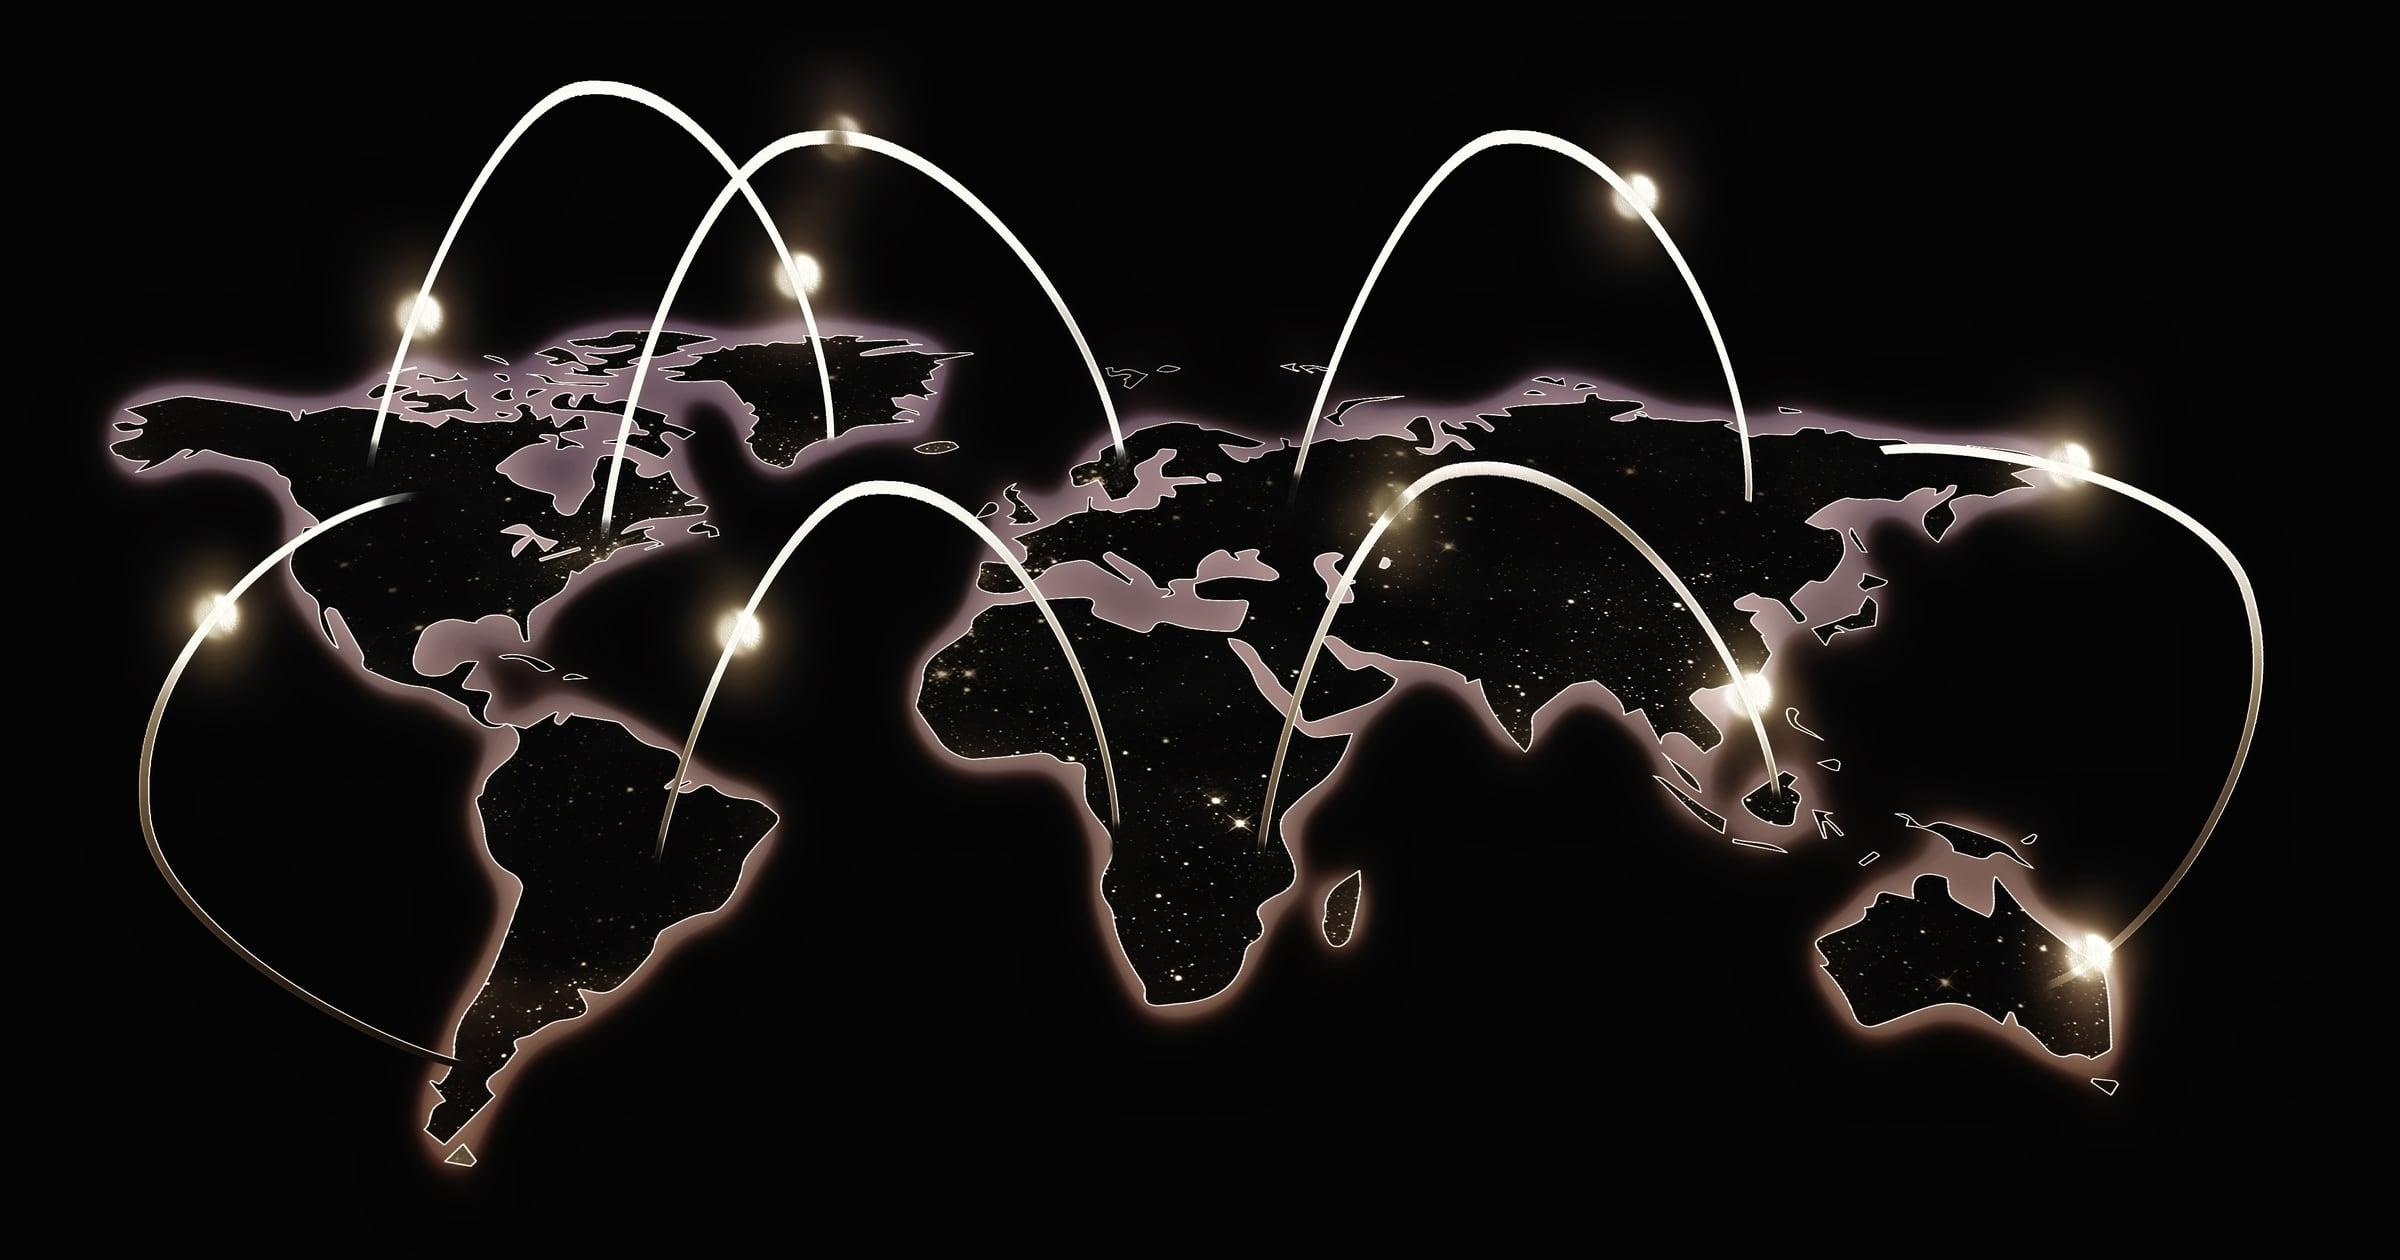 kuidas leiutati internet, interneti leiutamine, esimene arvuti, ARPANET, esimene internetibrauser, interneti ajalugu, millal leiutati internet, mobipunkt, interneti olemus, kes leiutas interneti, millal tehti esimene arvuti,